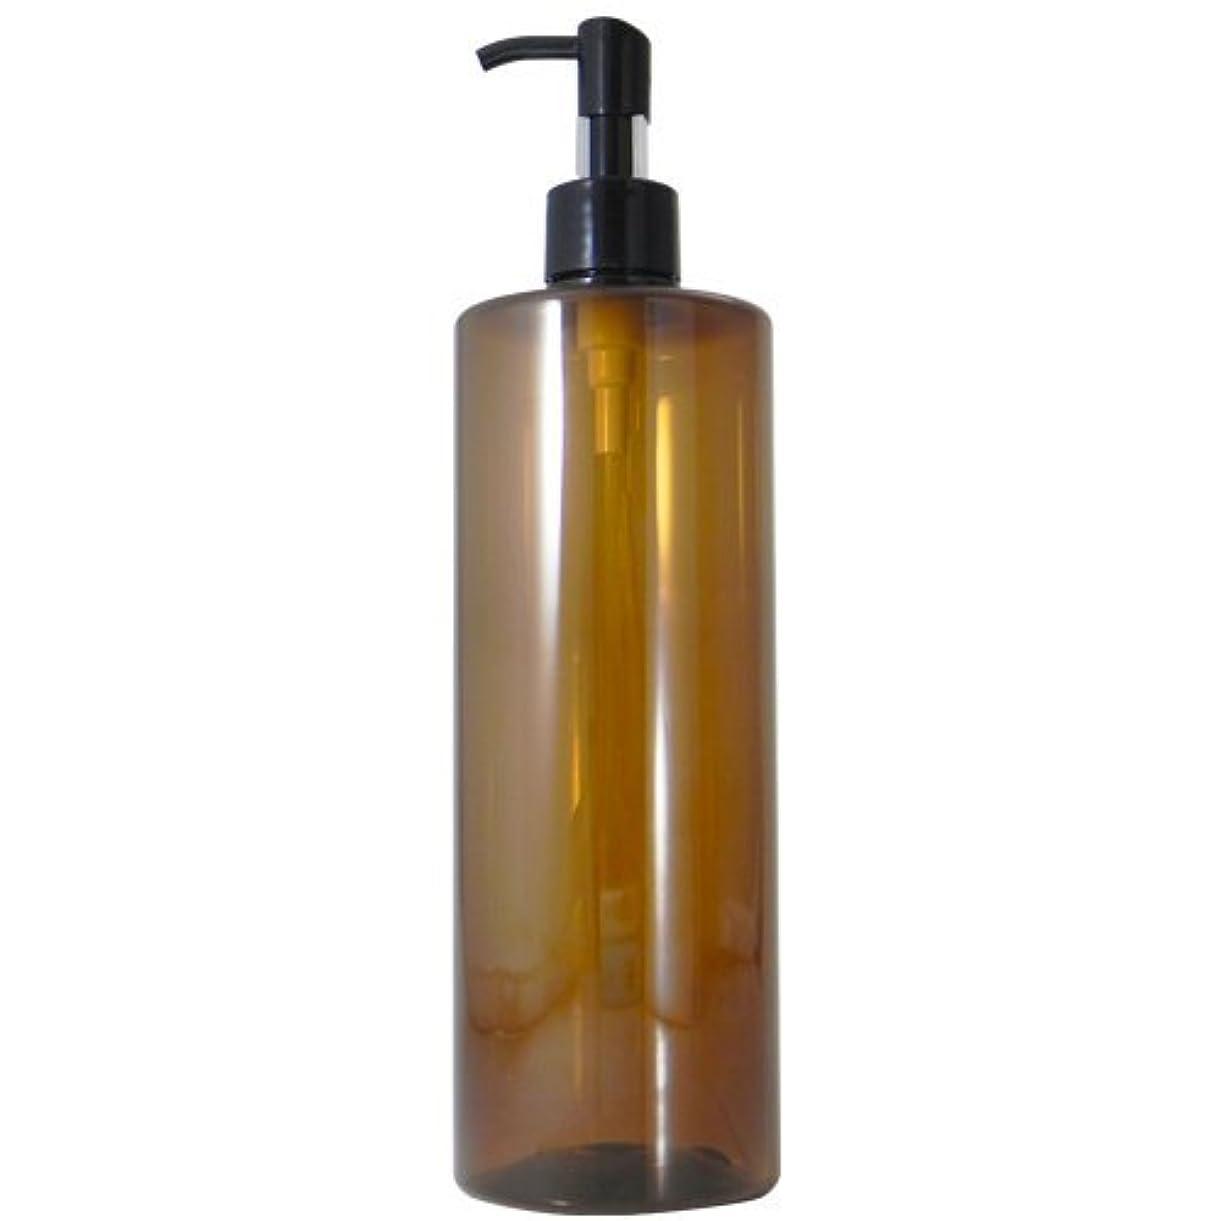 ゴネリル脅かすギャロップ遮光プラボトル ポンプ 500ml 容器